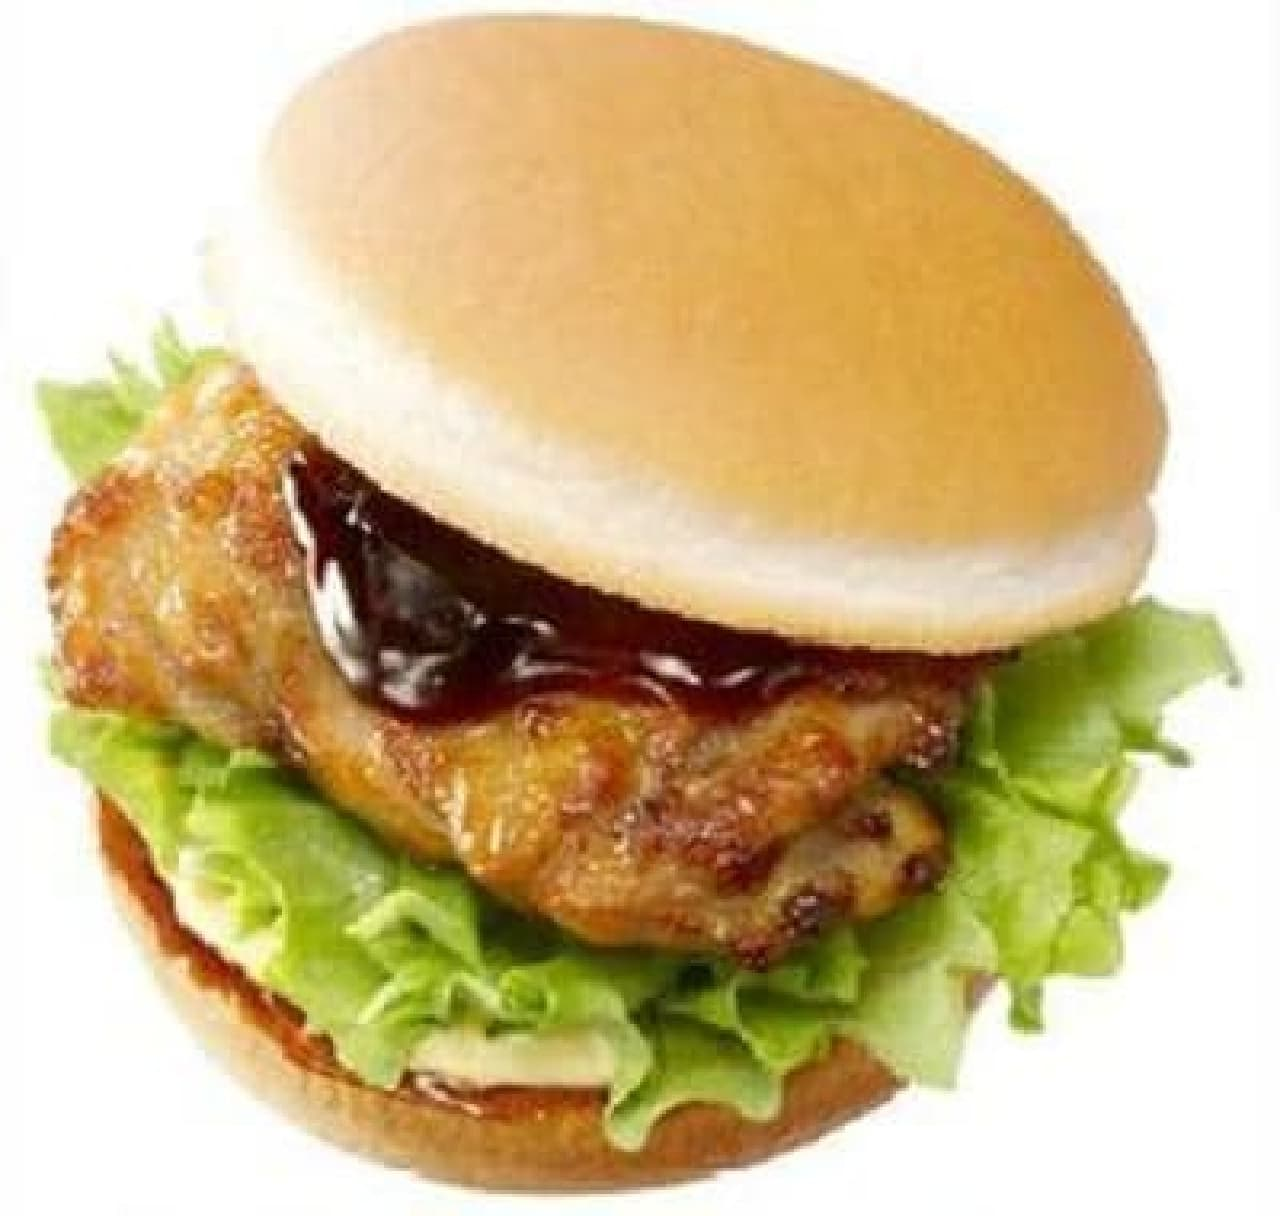 新開発「焦がしてりやきソース」を使用したハンバーガー3種を発売